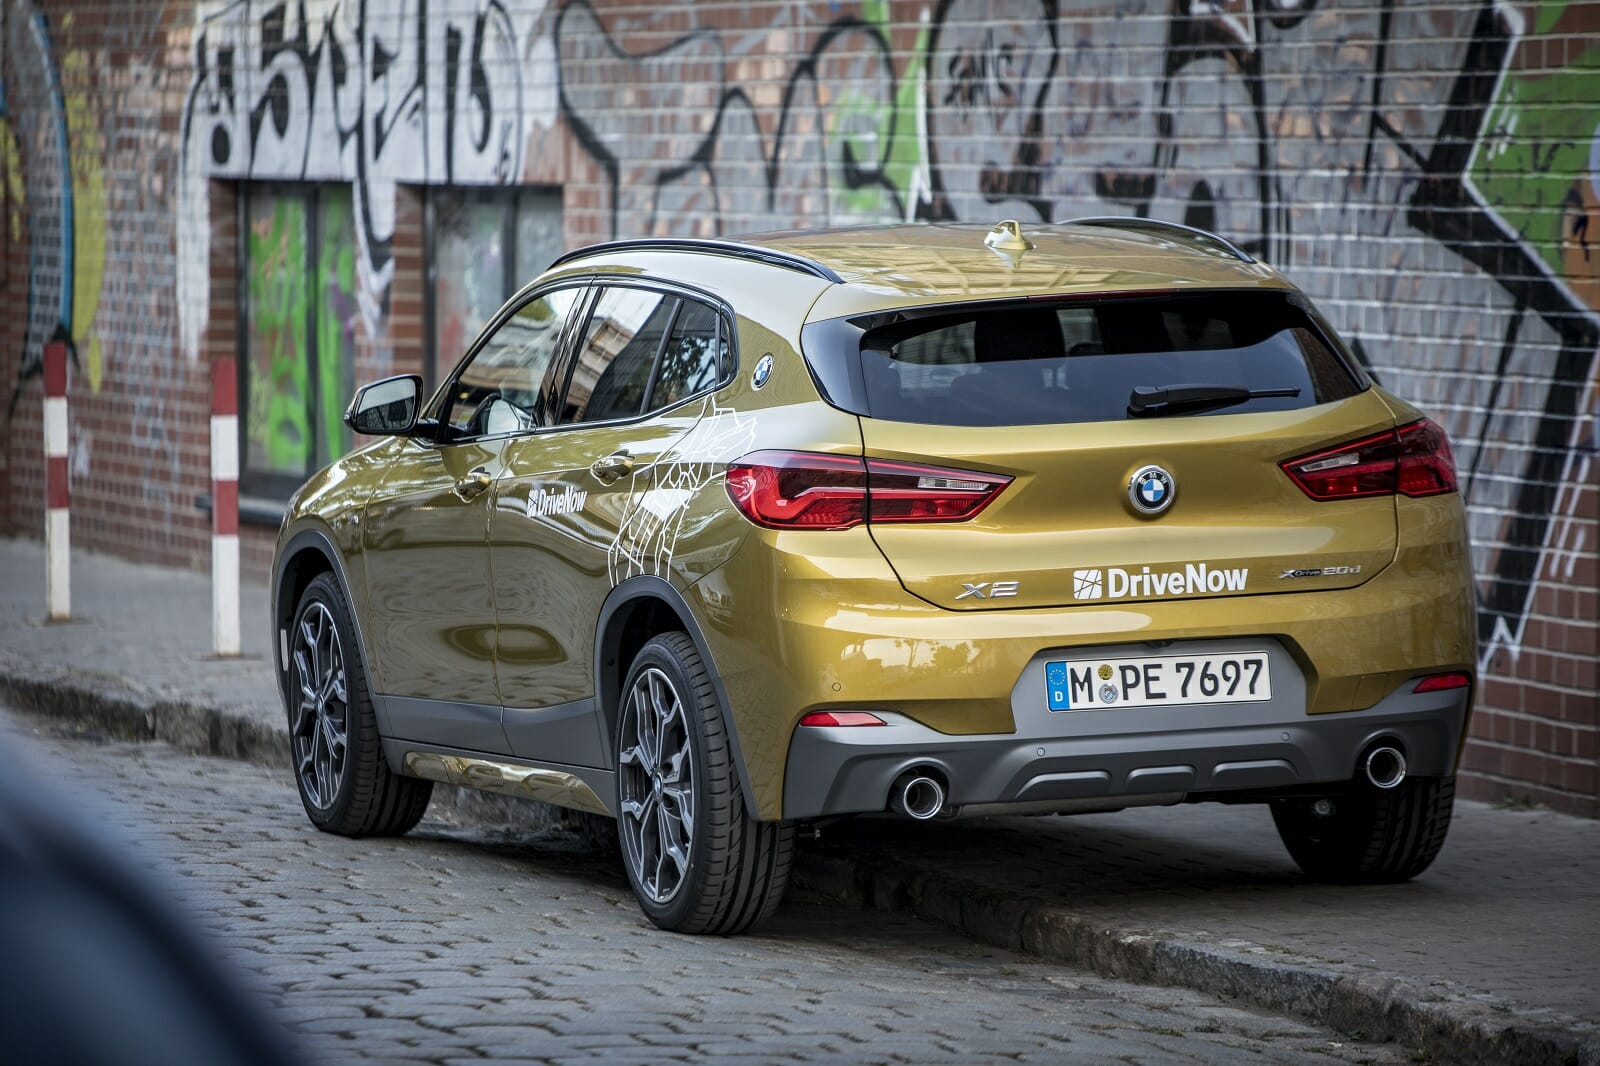 Drivenow Fuhrt Bmw X2 Ein Carsharing News